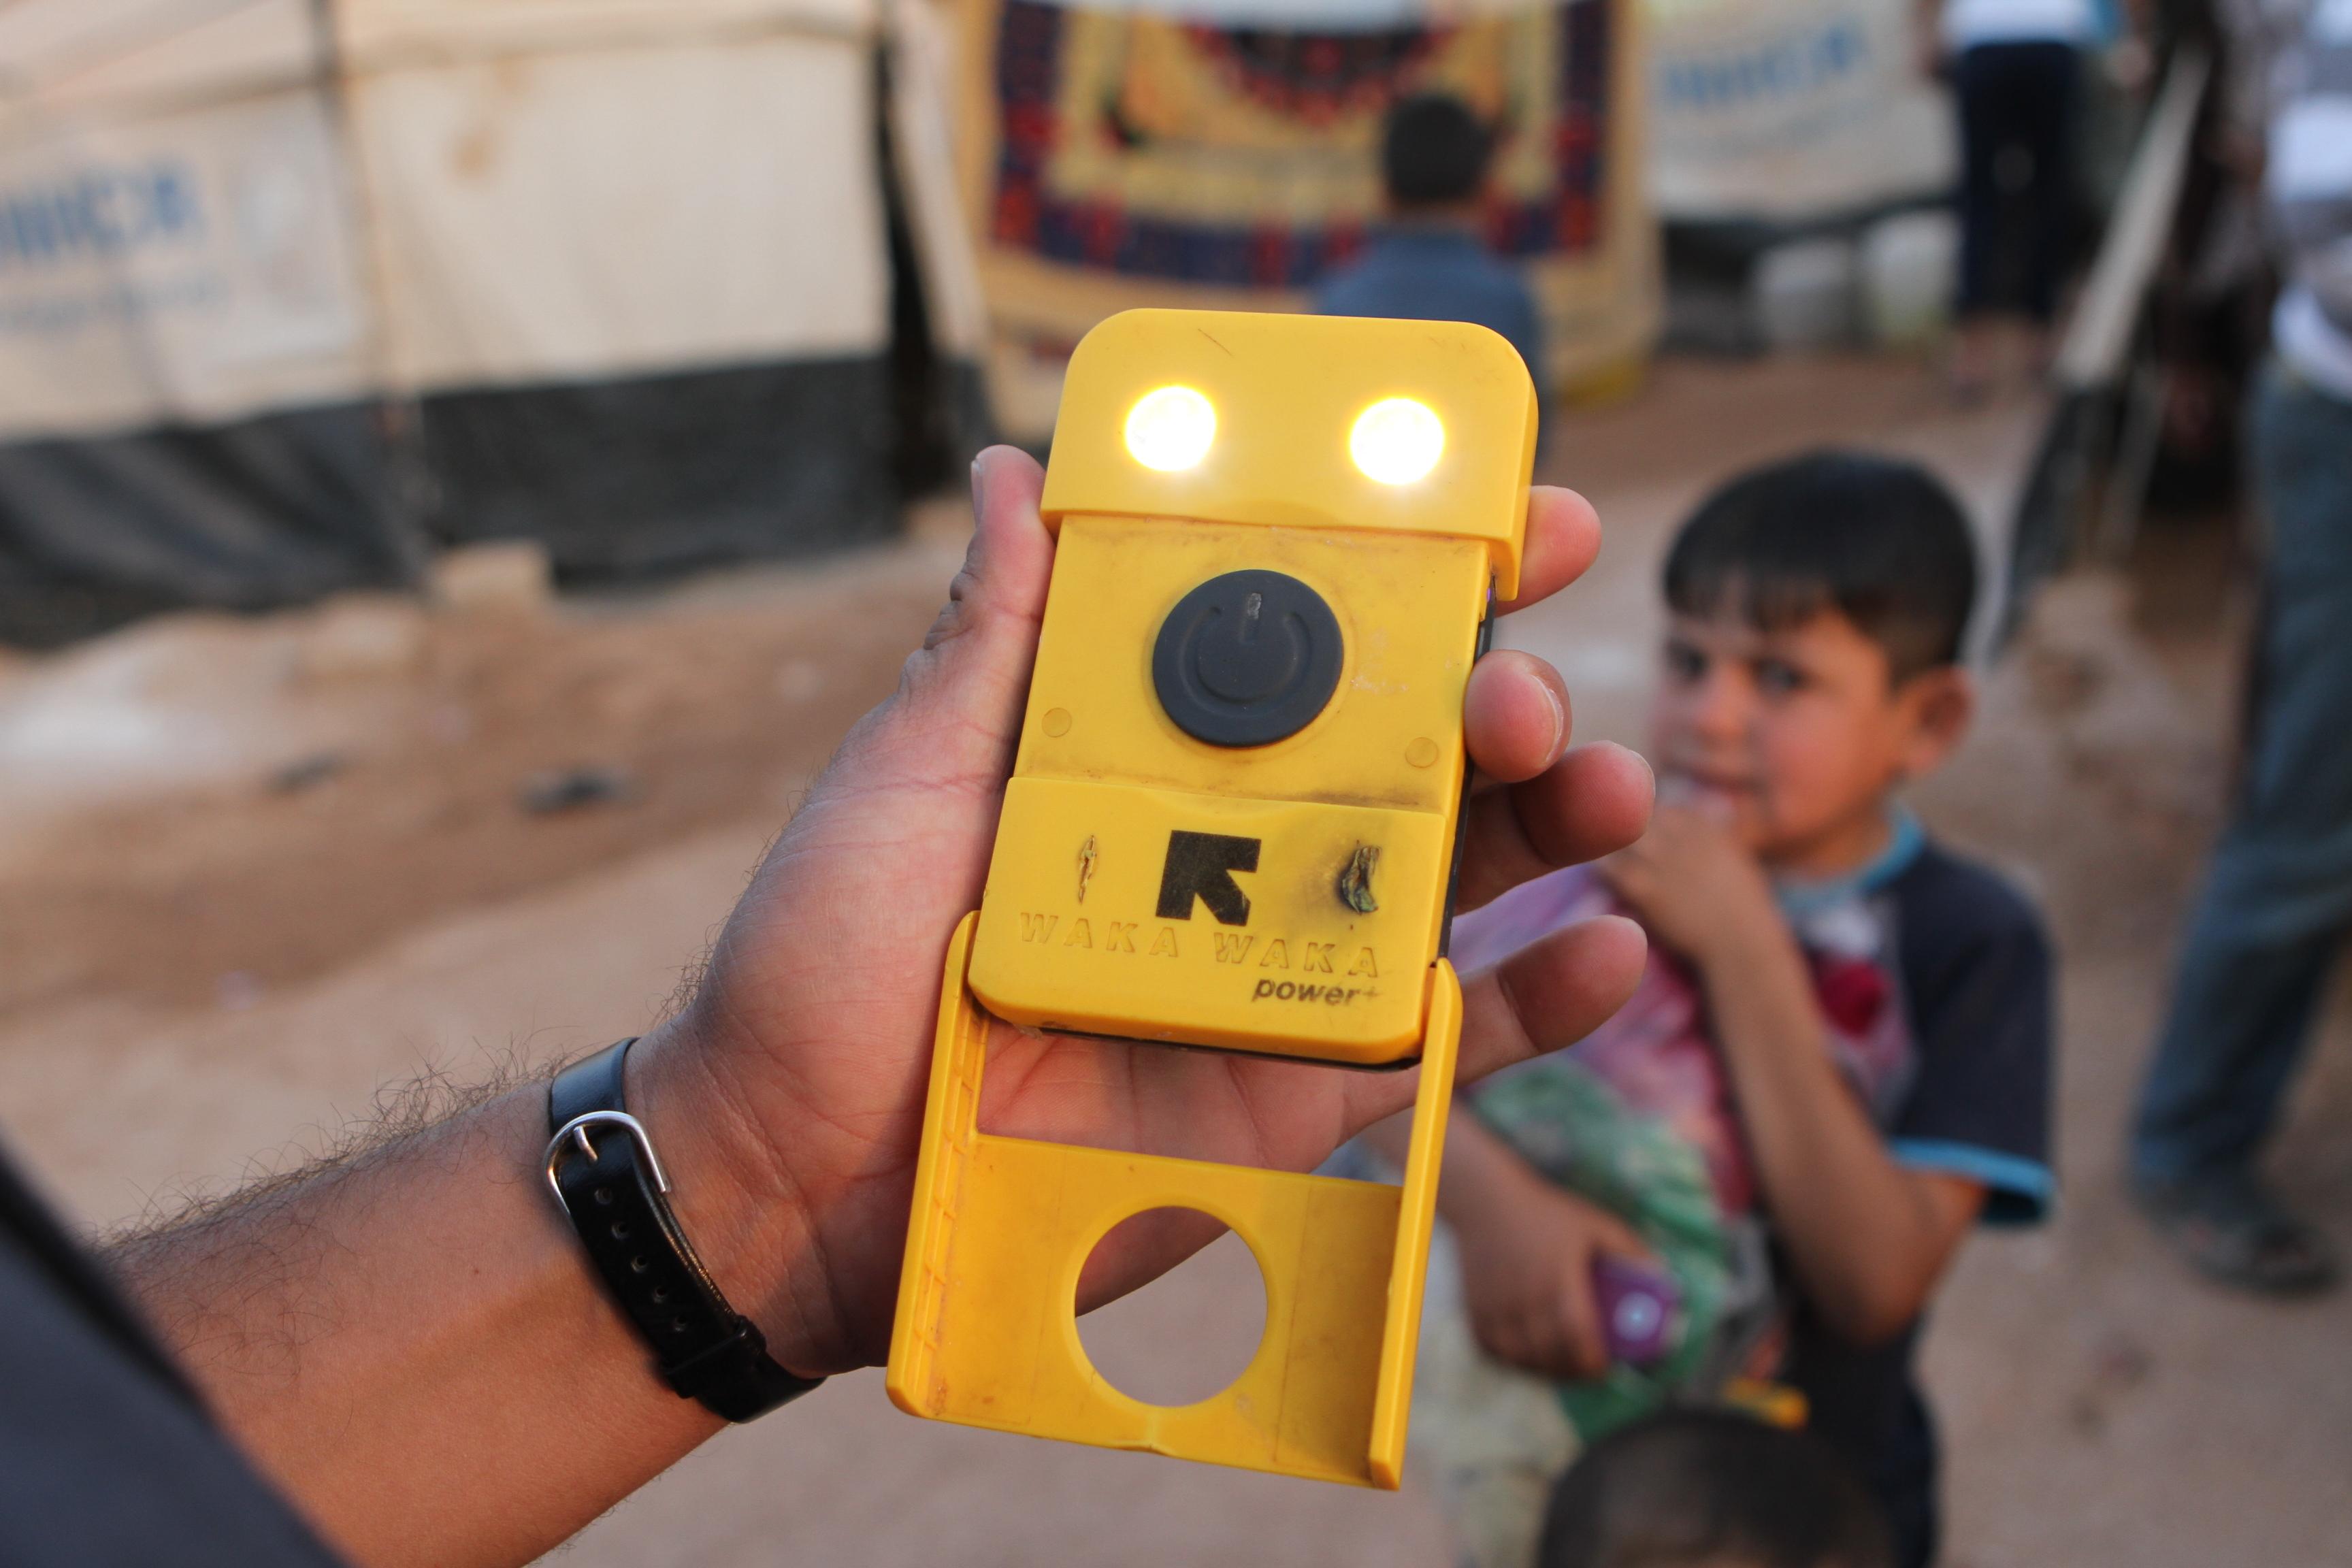 WakaWaka Power+ Syria+light-energy